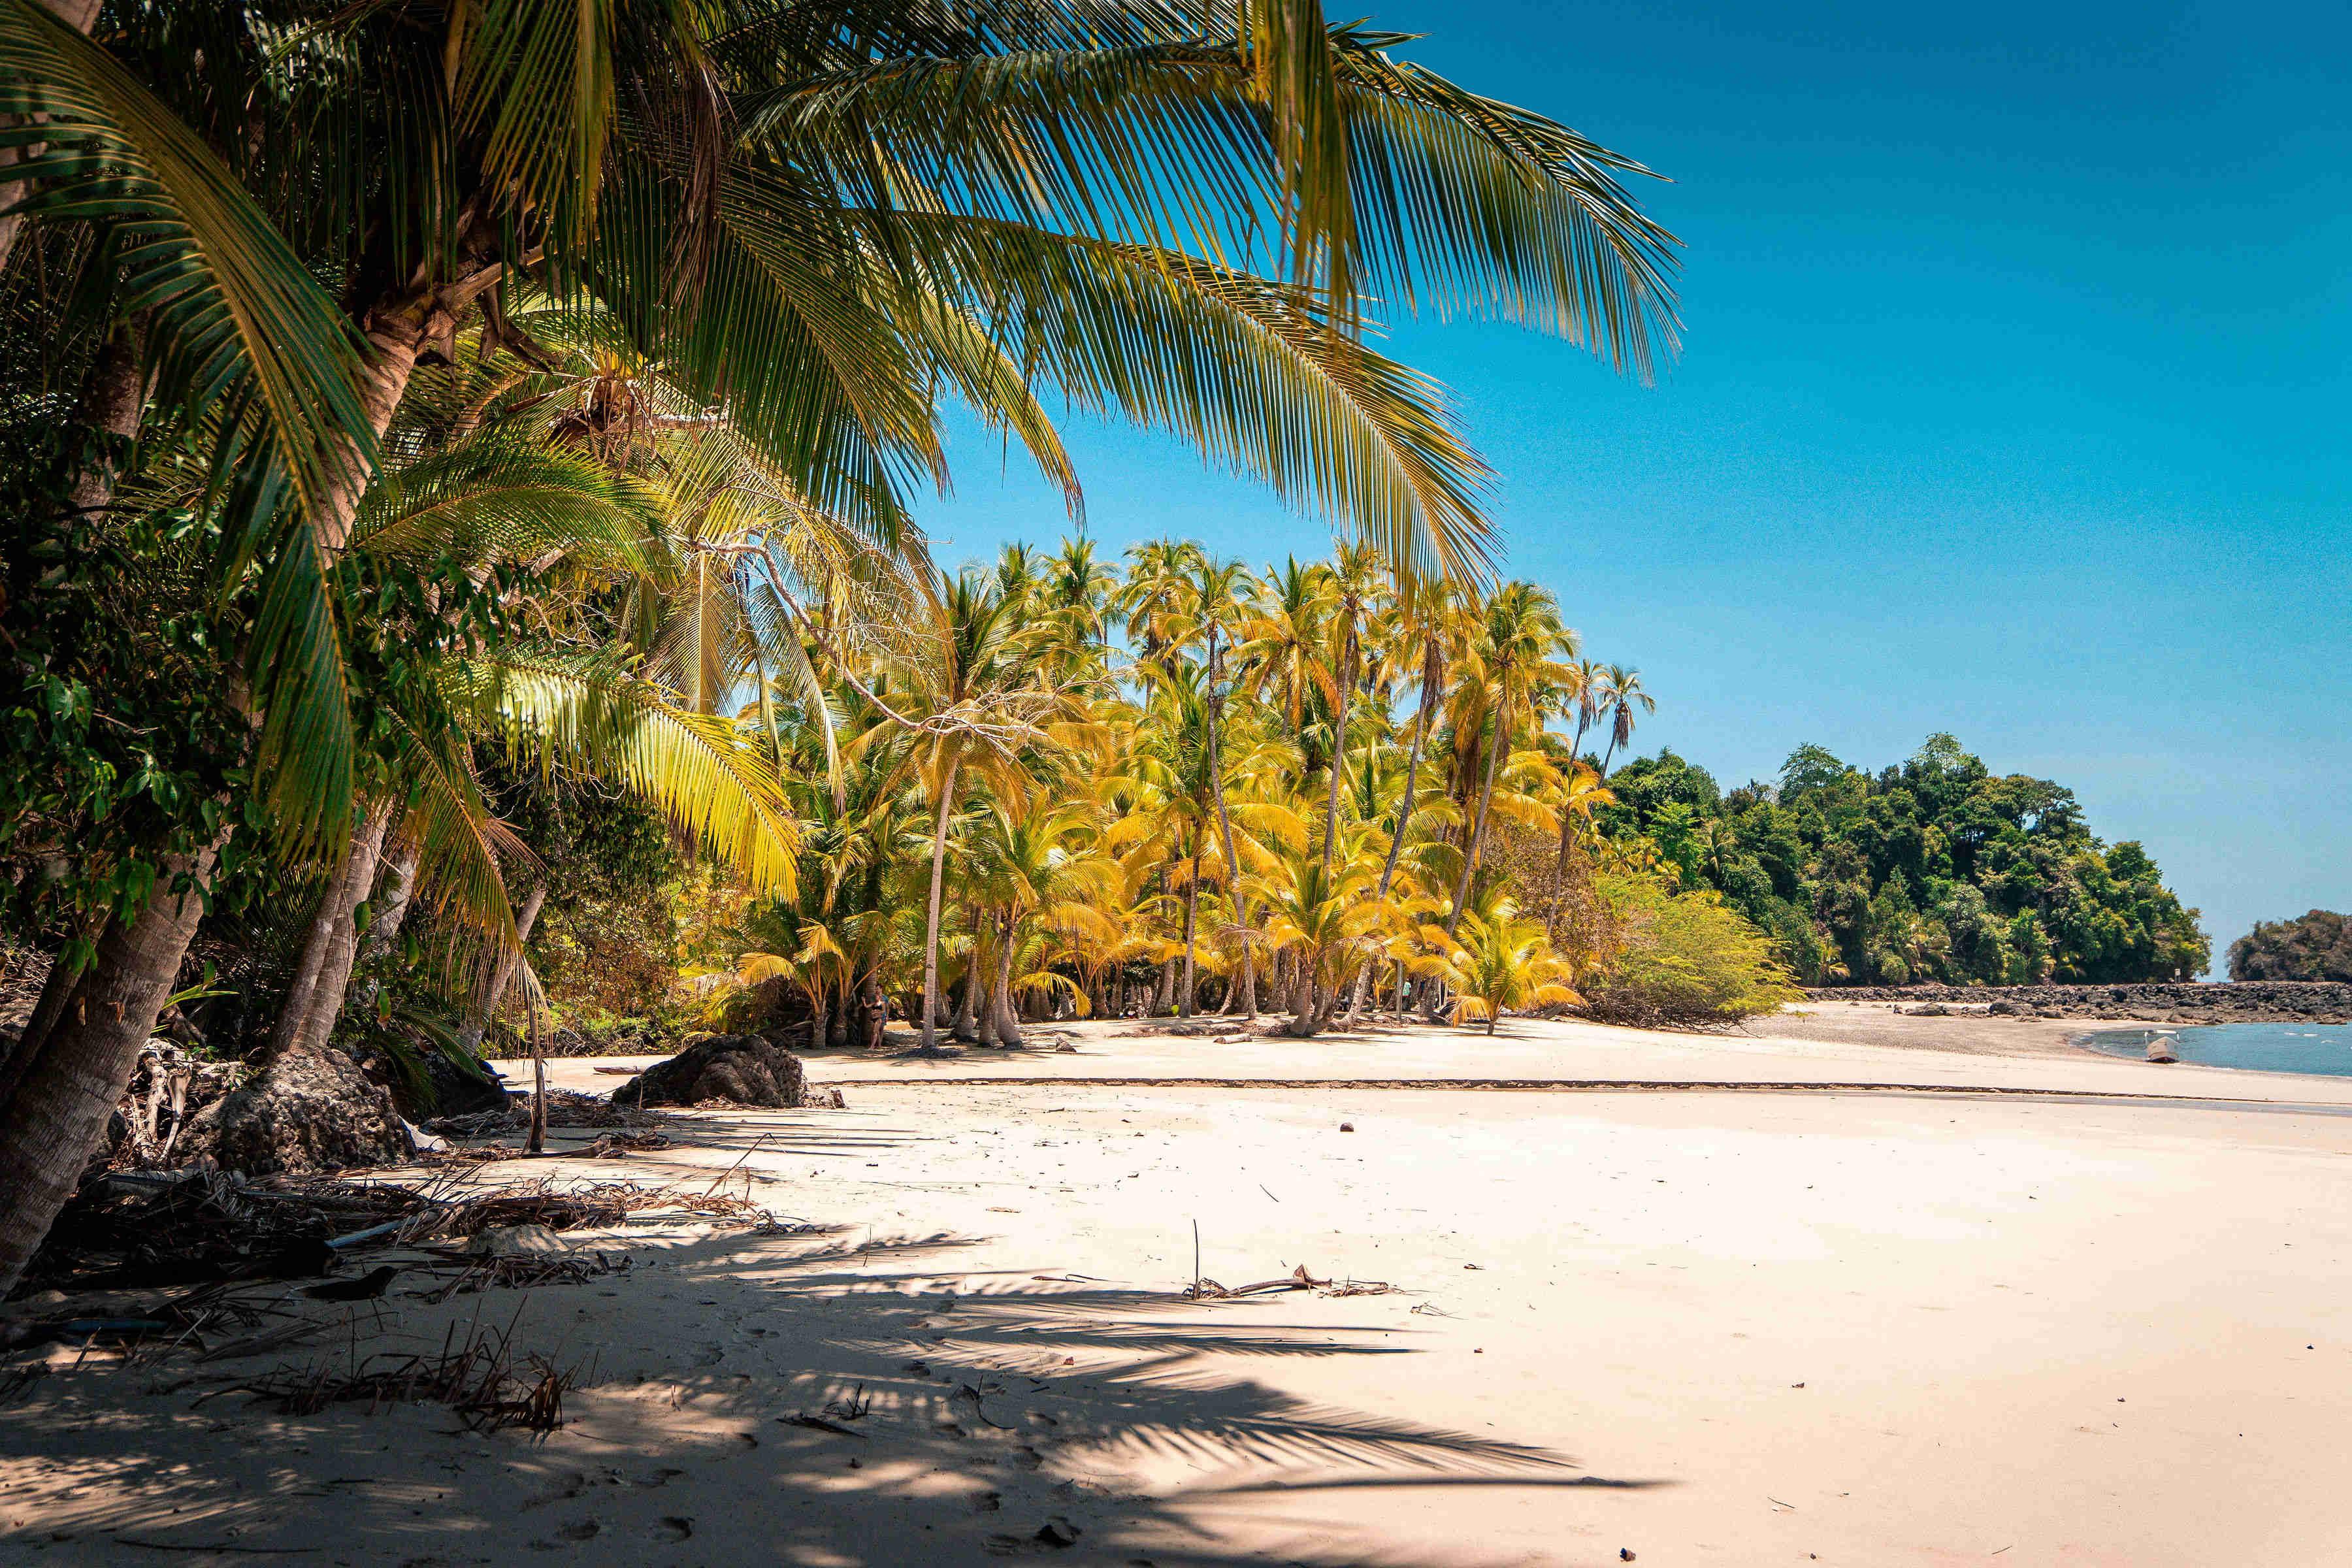 Otro plano de playa preciosa